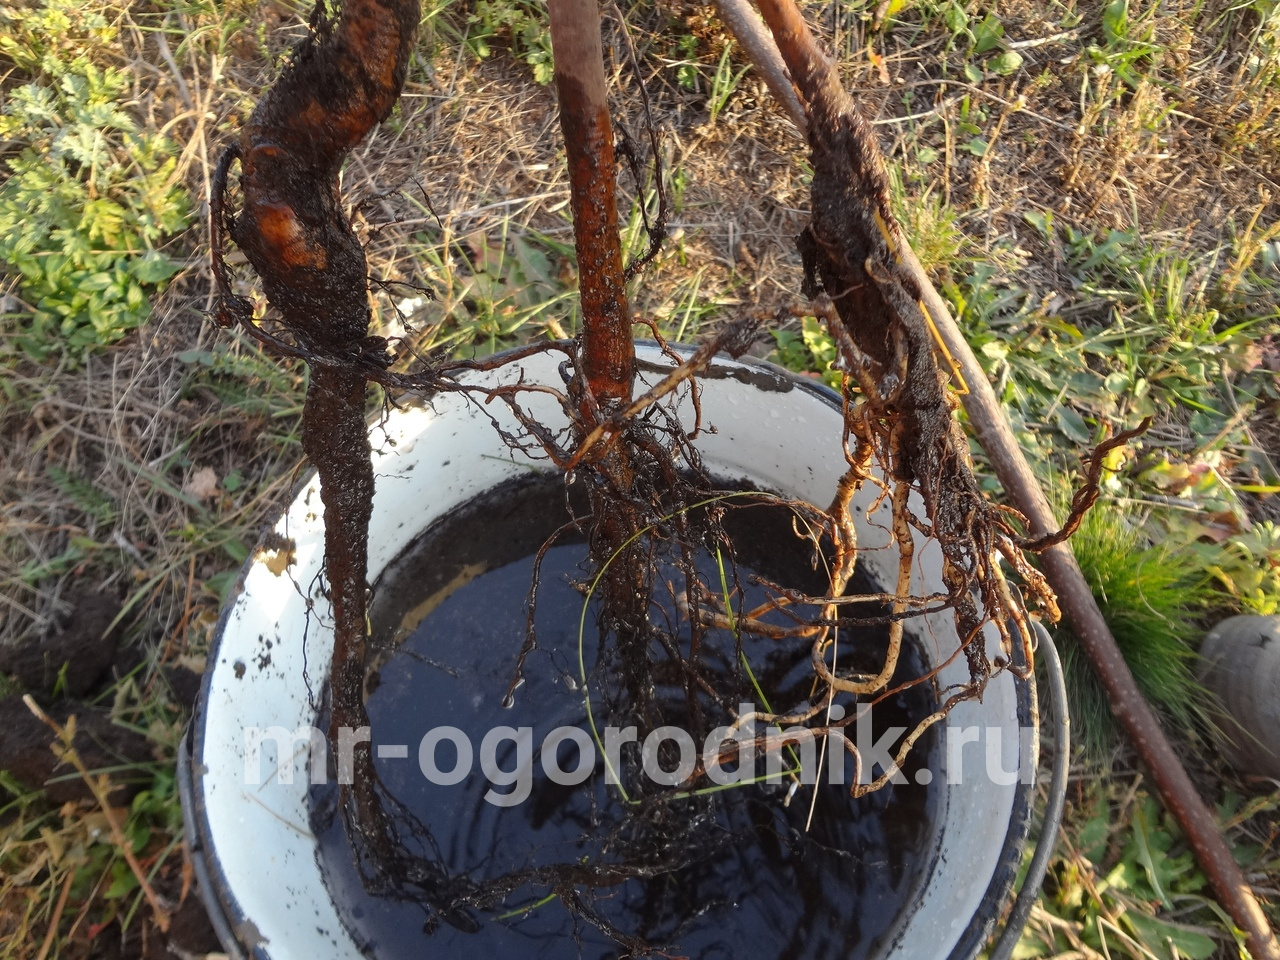 Обработка корней саженца жимолости